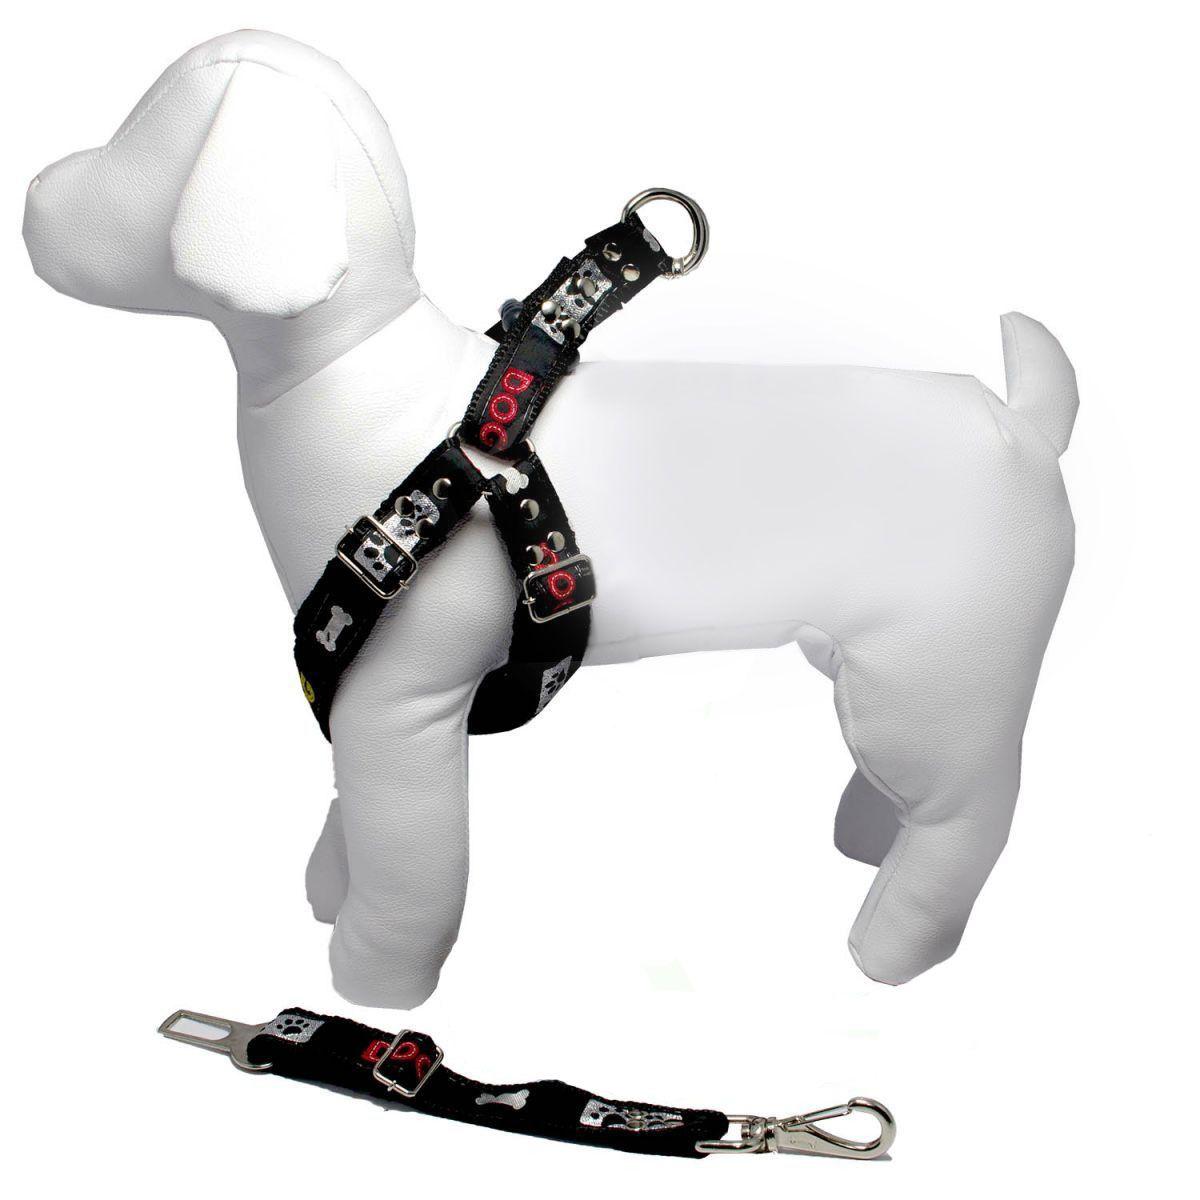 Coleira Peitoral Cachorro Porte Menor E Adaptador Cinto Segurança Tamanho M - Cor Preta